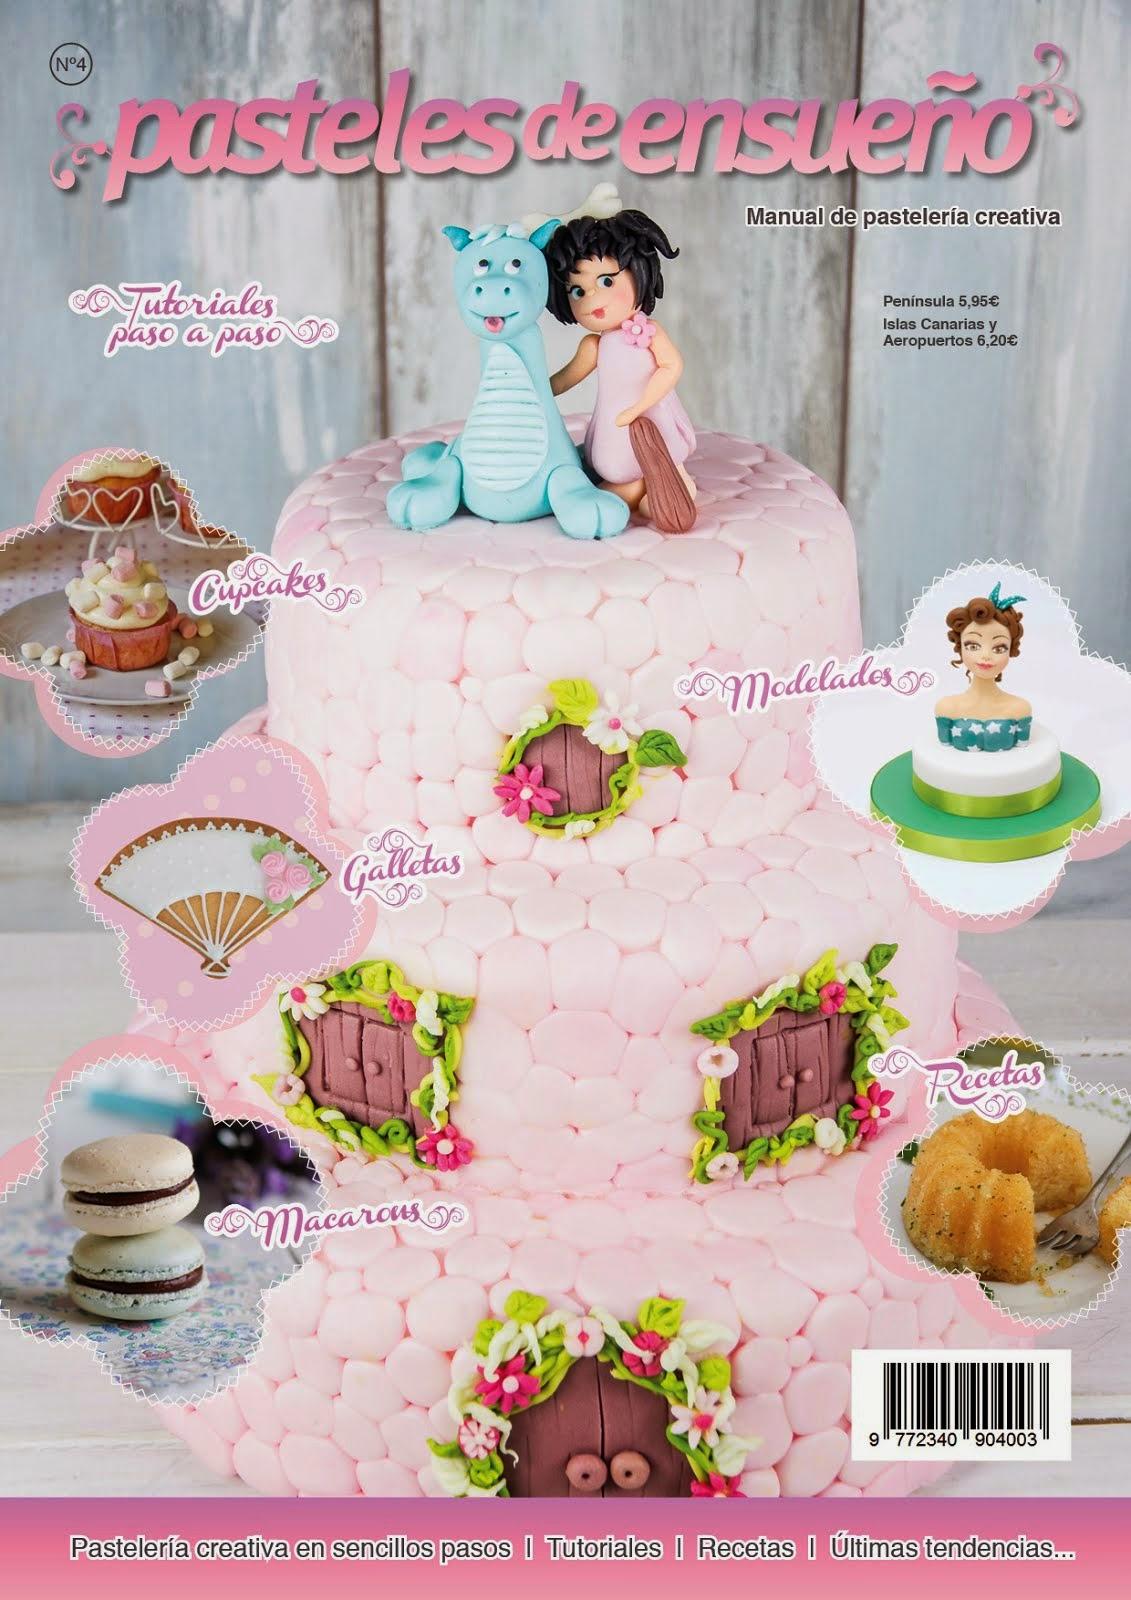 Revista de pastelería creativa